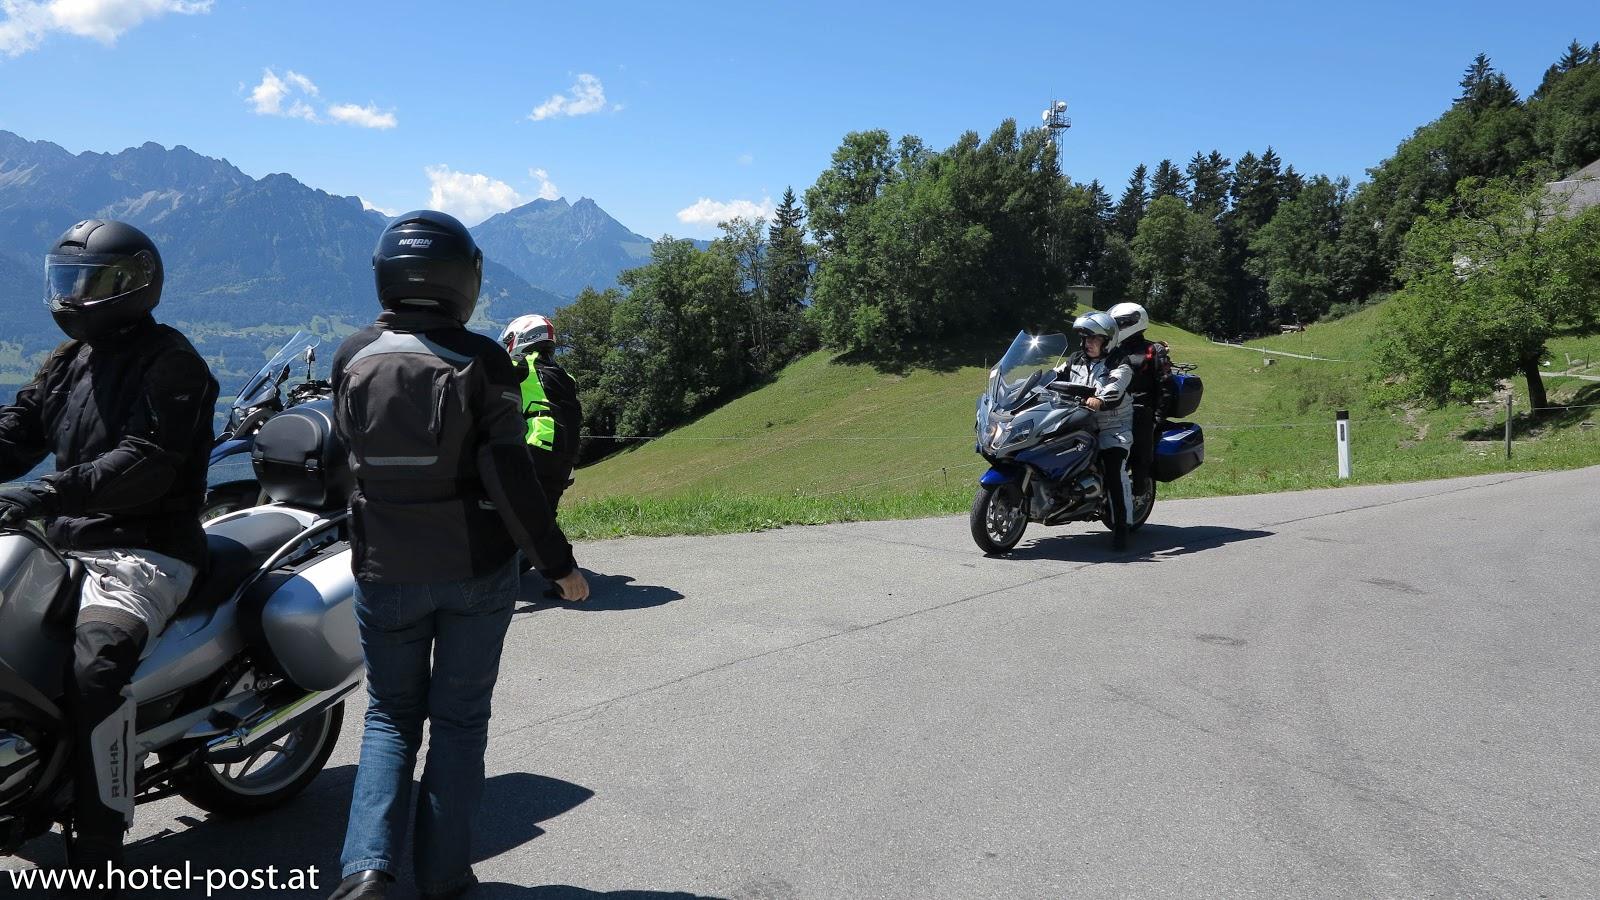 Motorrad - 30.07.2016 Wunderlich Alpenglühen Tour 2